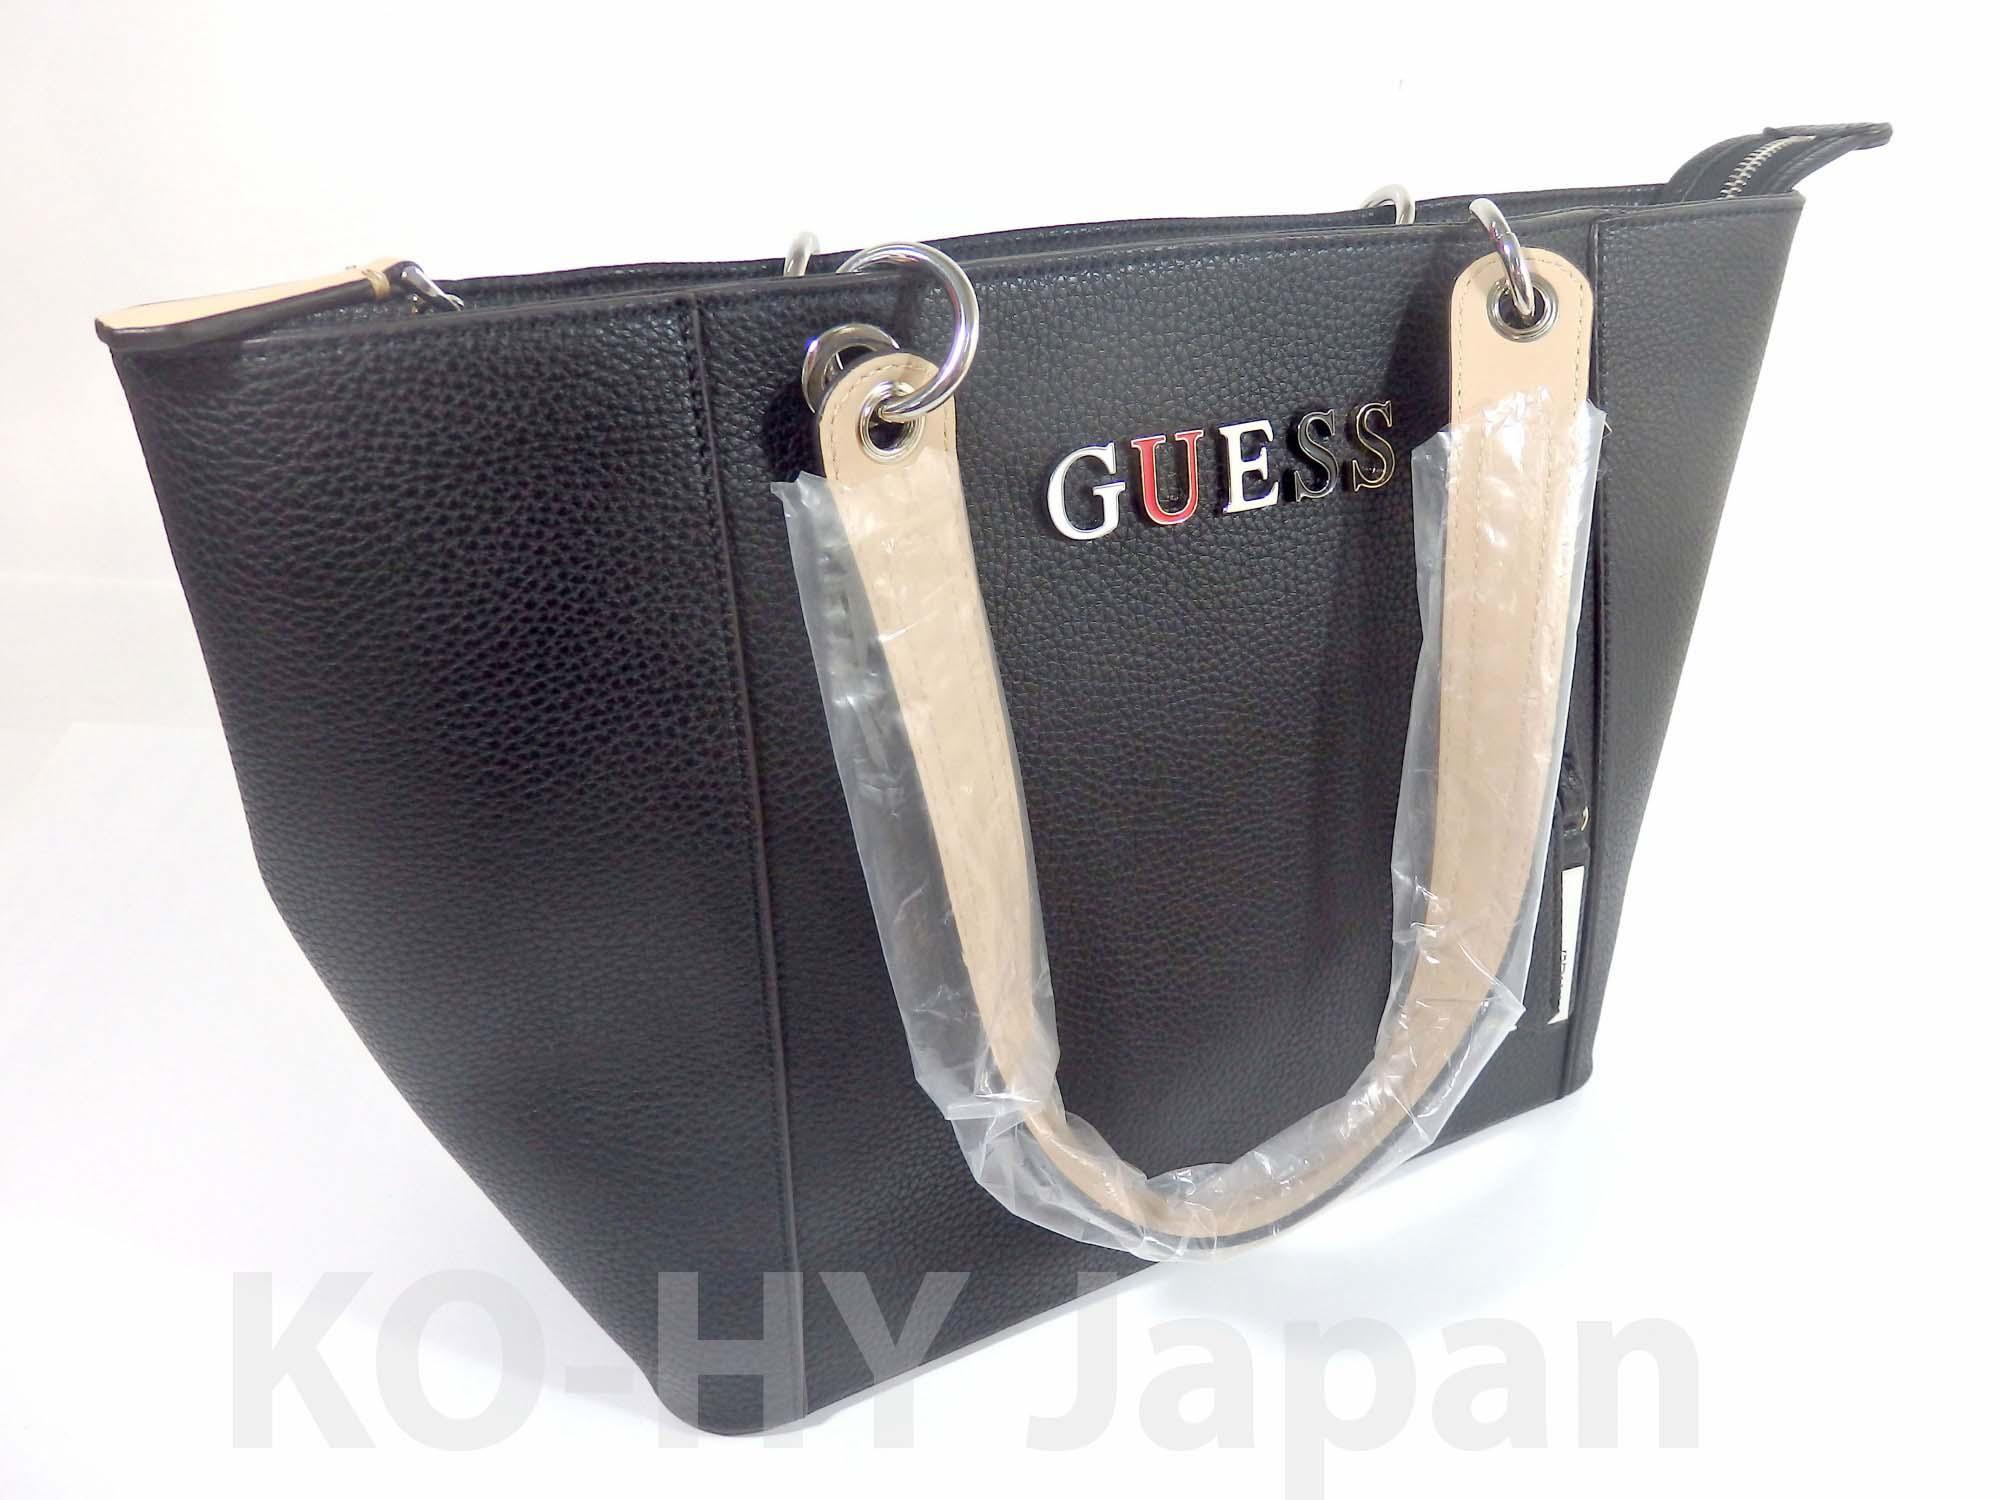 Túi thời trang Guess xách tay dành cho phái đẹp